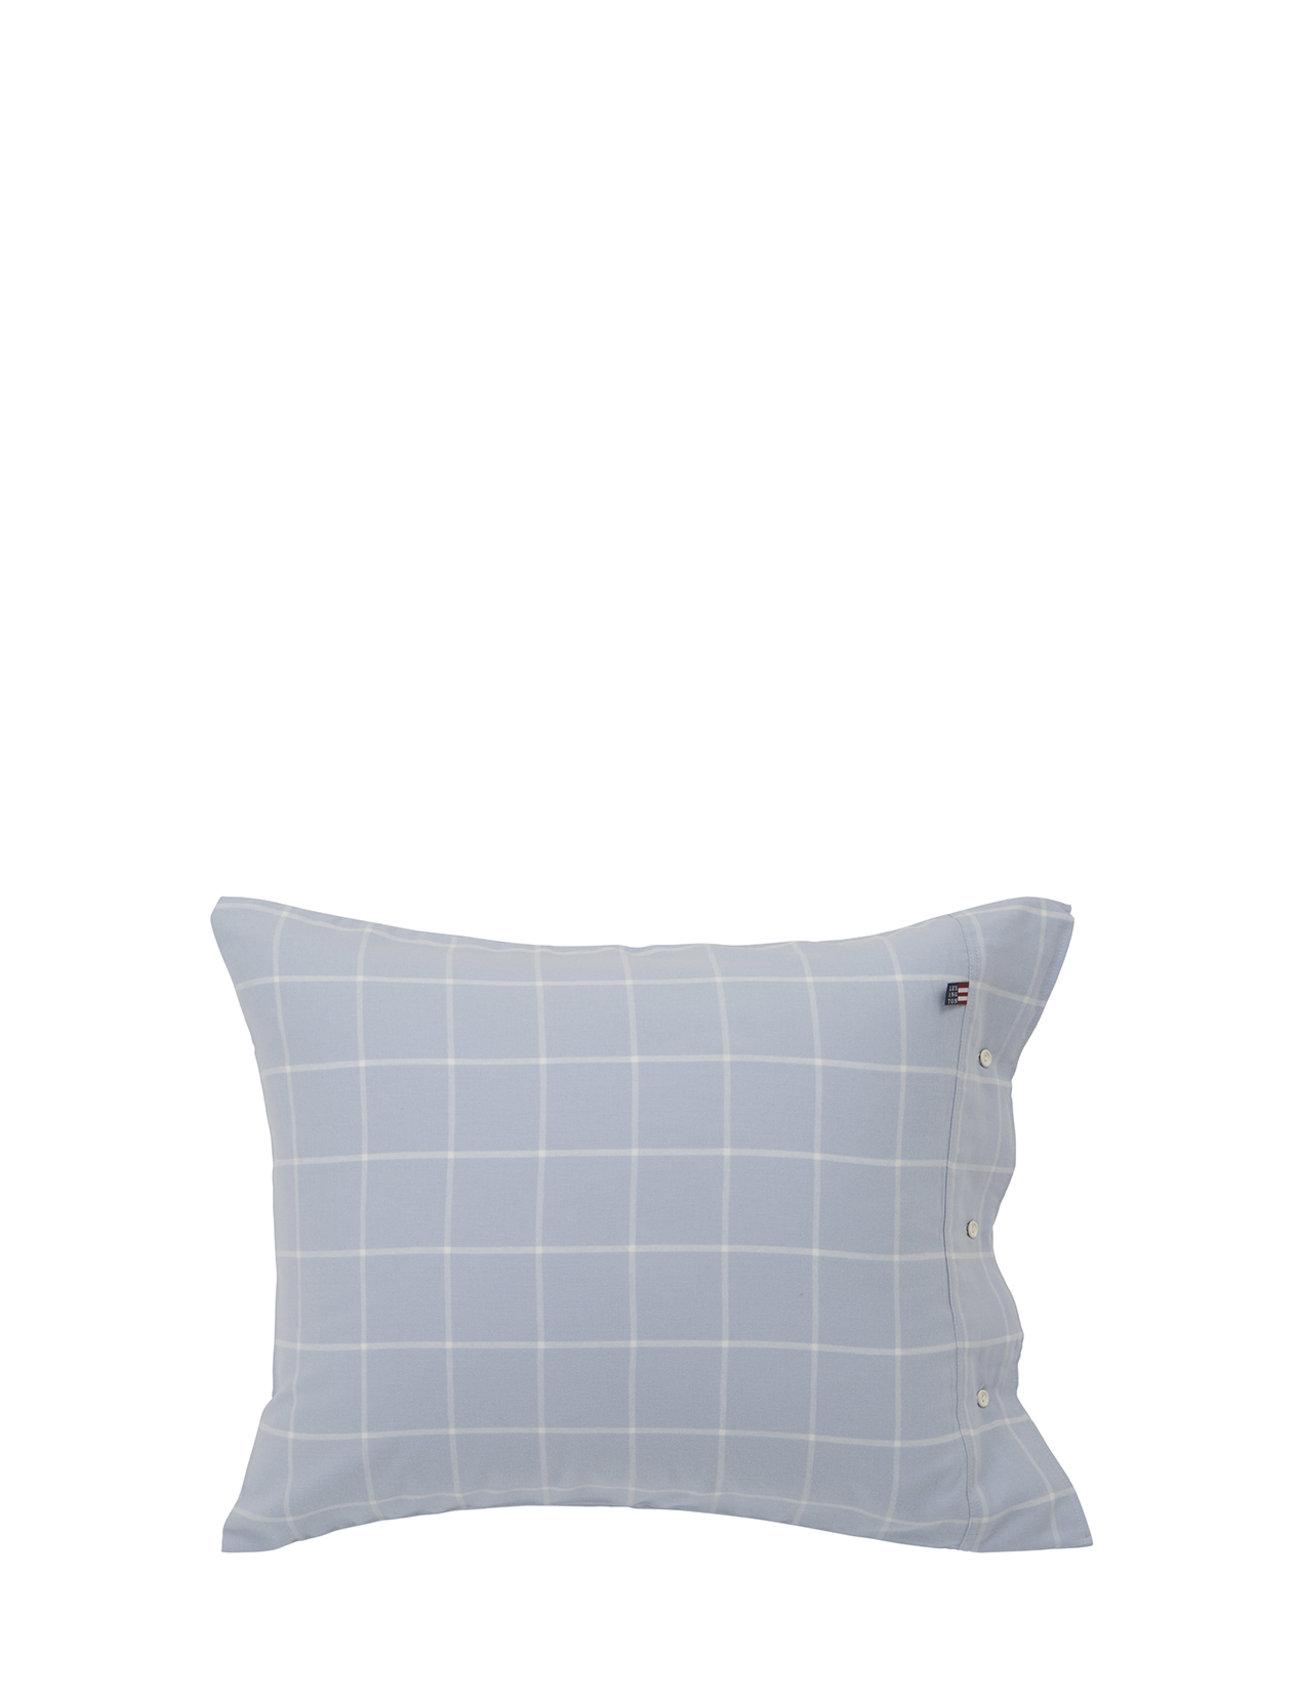 Lexington Home Hotel Light Flannel Lt Blue/White Pillowcase - LT BLUE/WHITE